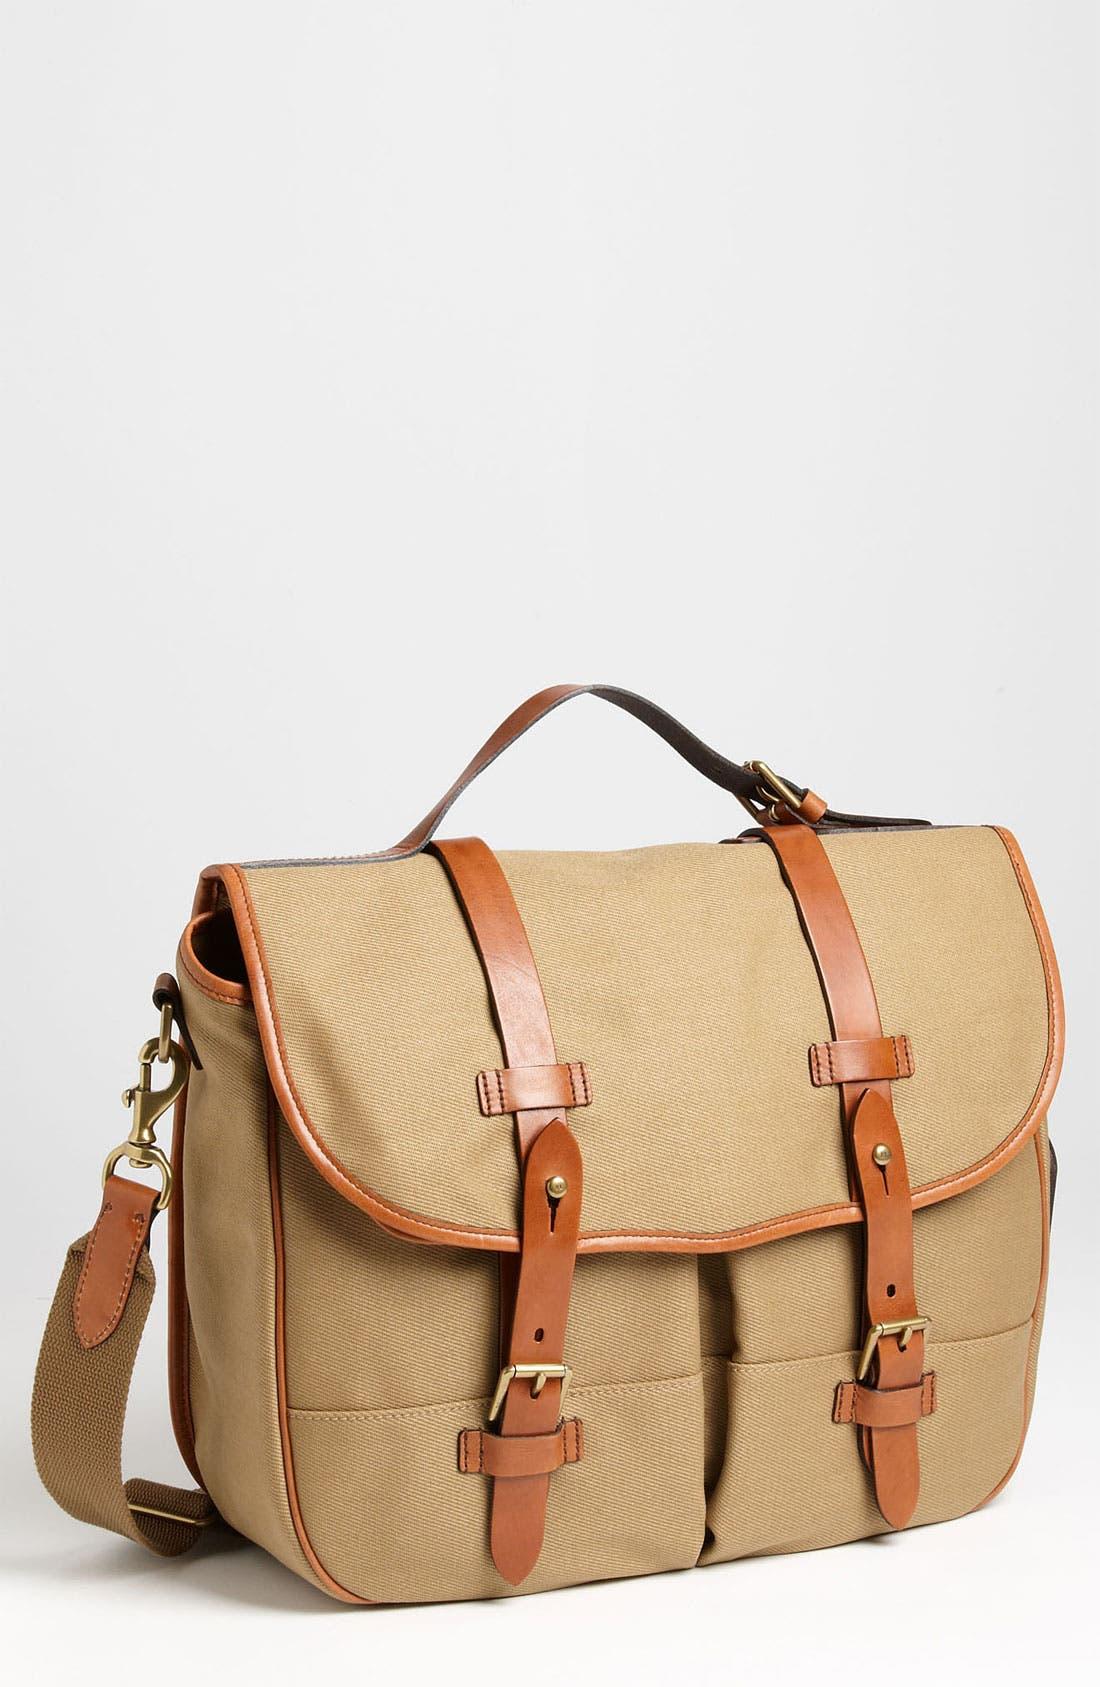 POLO RALPH LAUREN Canvas Messenger Bag, Main, color, 270